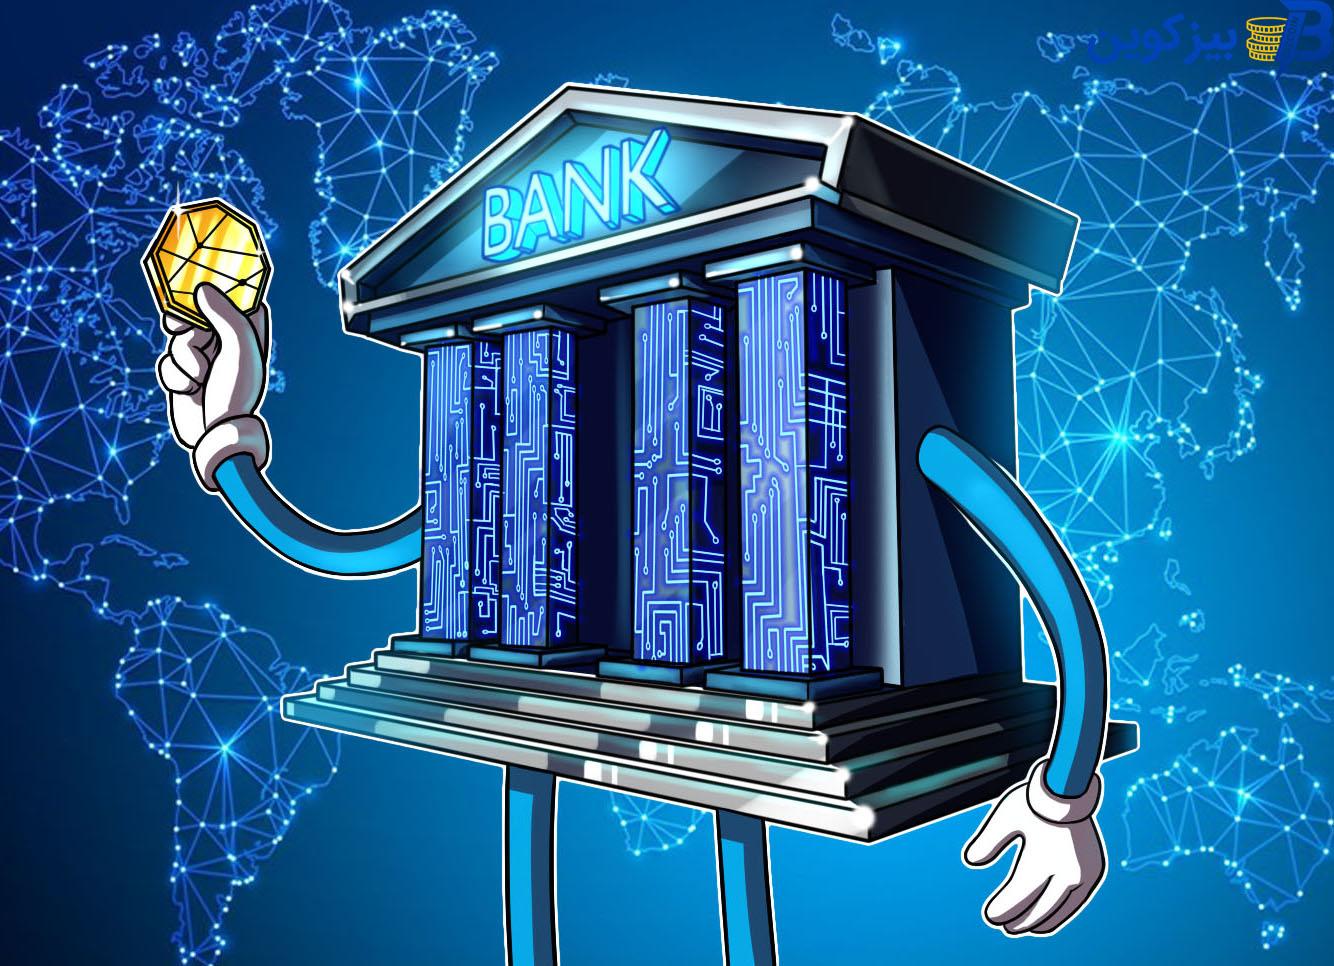 crypto bank بانک مرکزی باهاما می خواهد دلار شن و ماسه دیجیتالی خود را جهانی کند